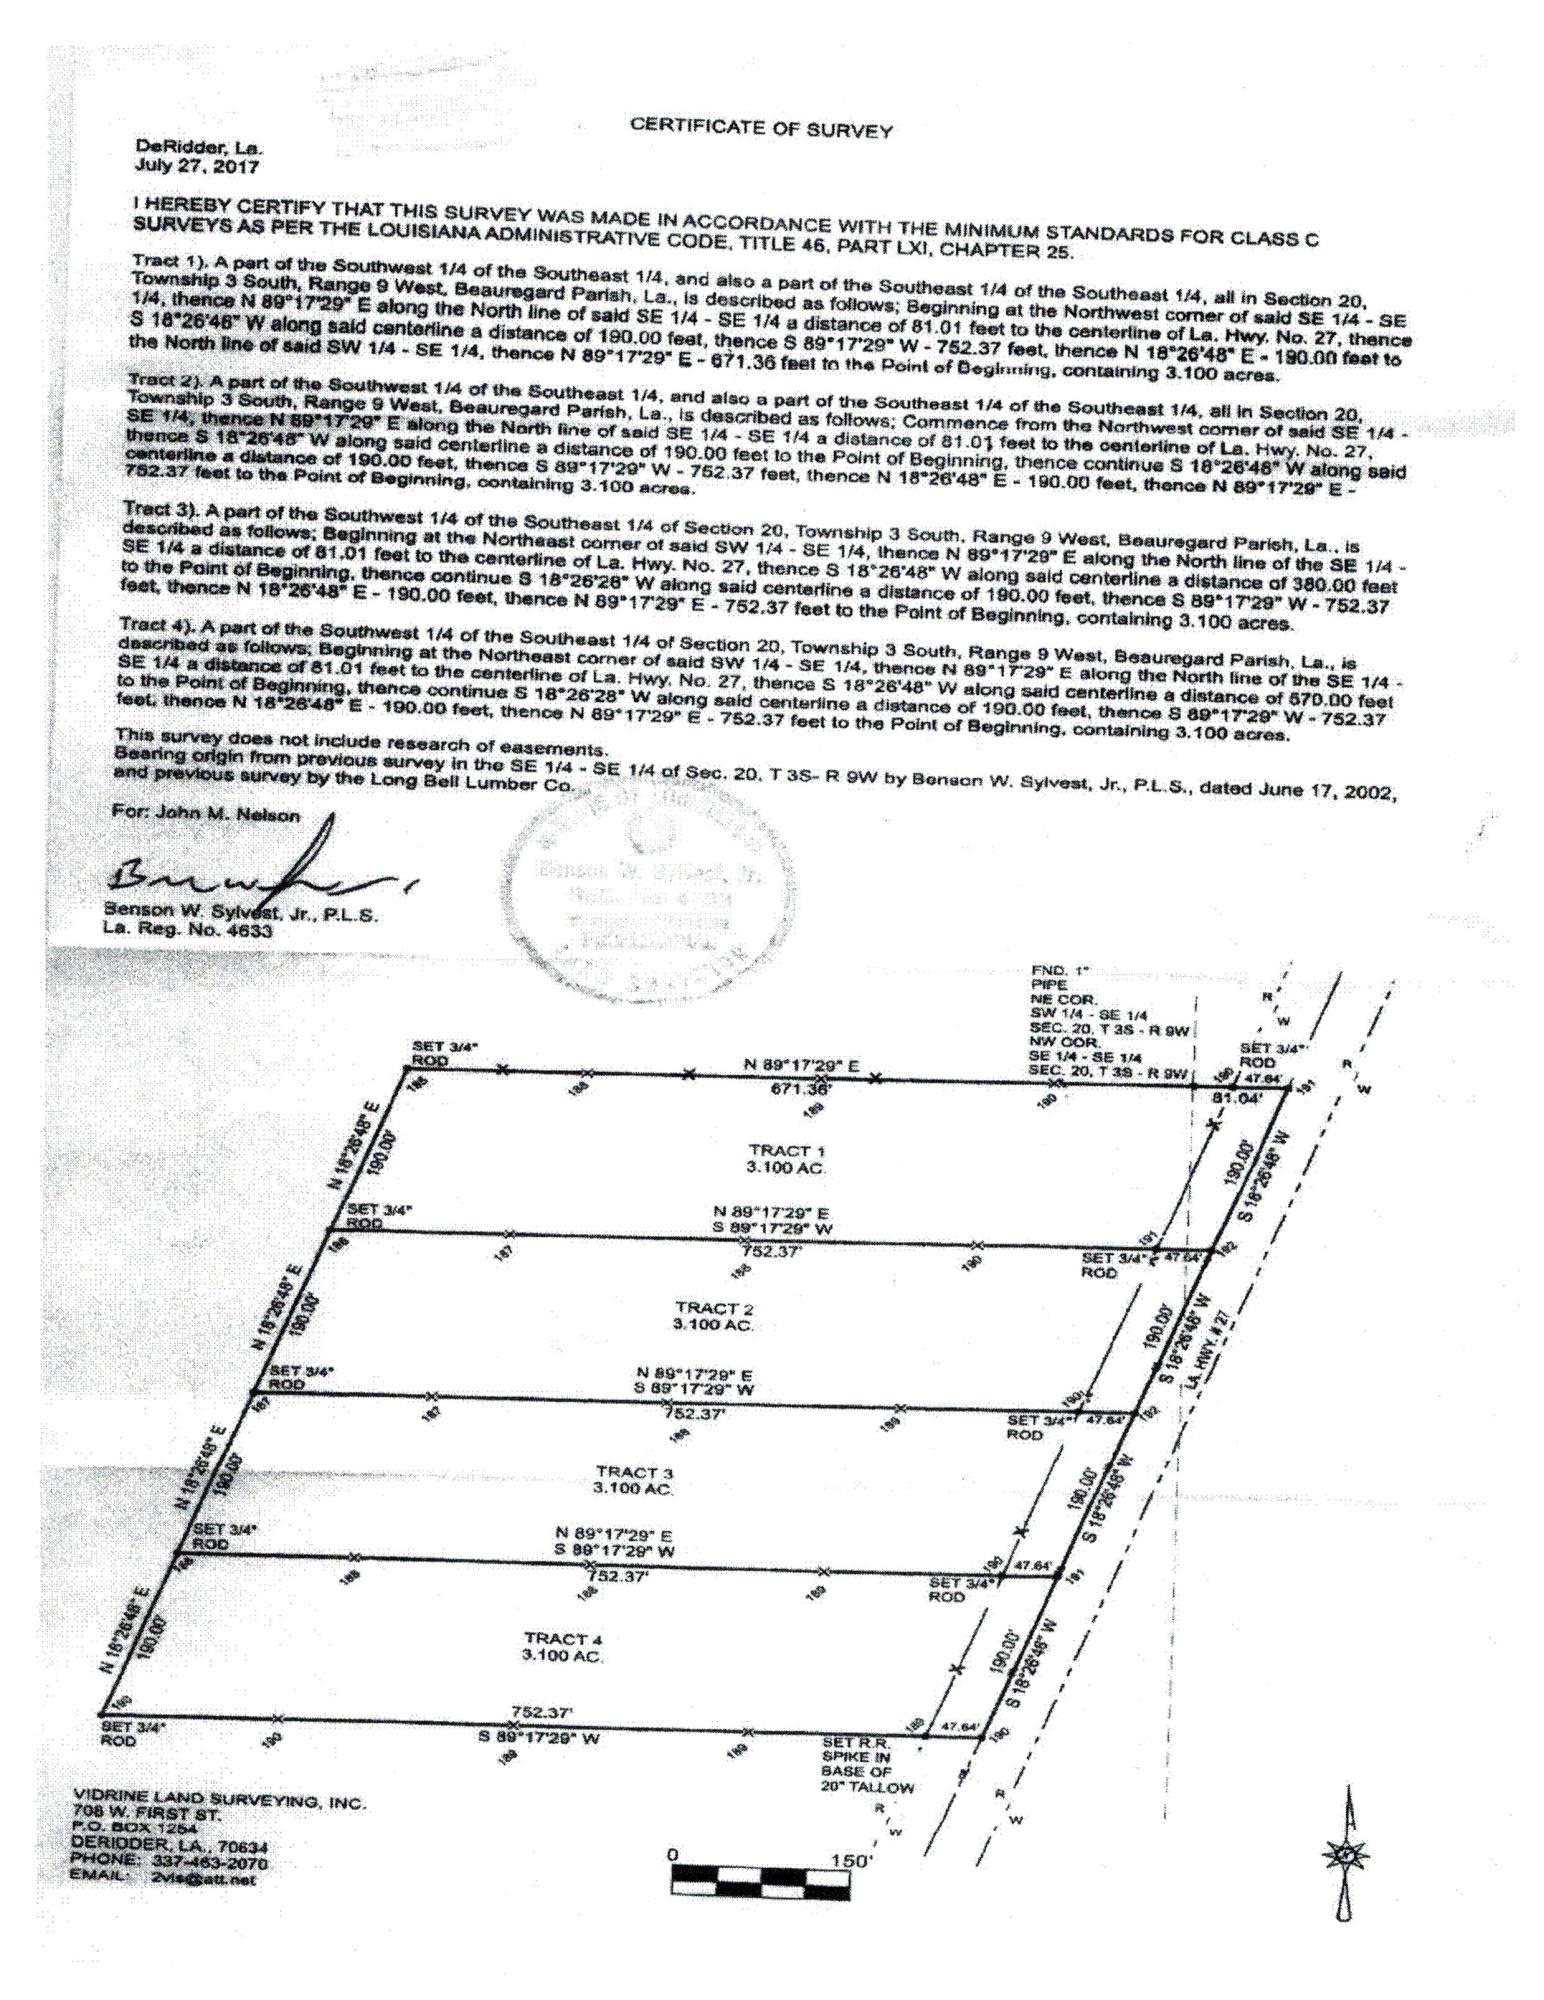 DeRidder land for sale,  TBD Hwy. 27, DeRidder LA - $42,500